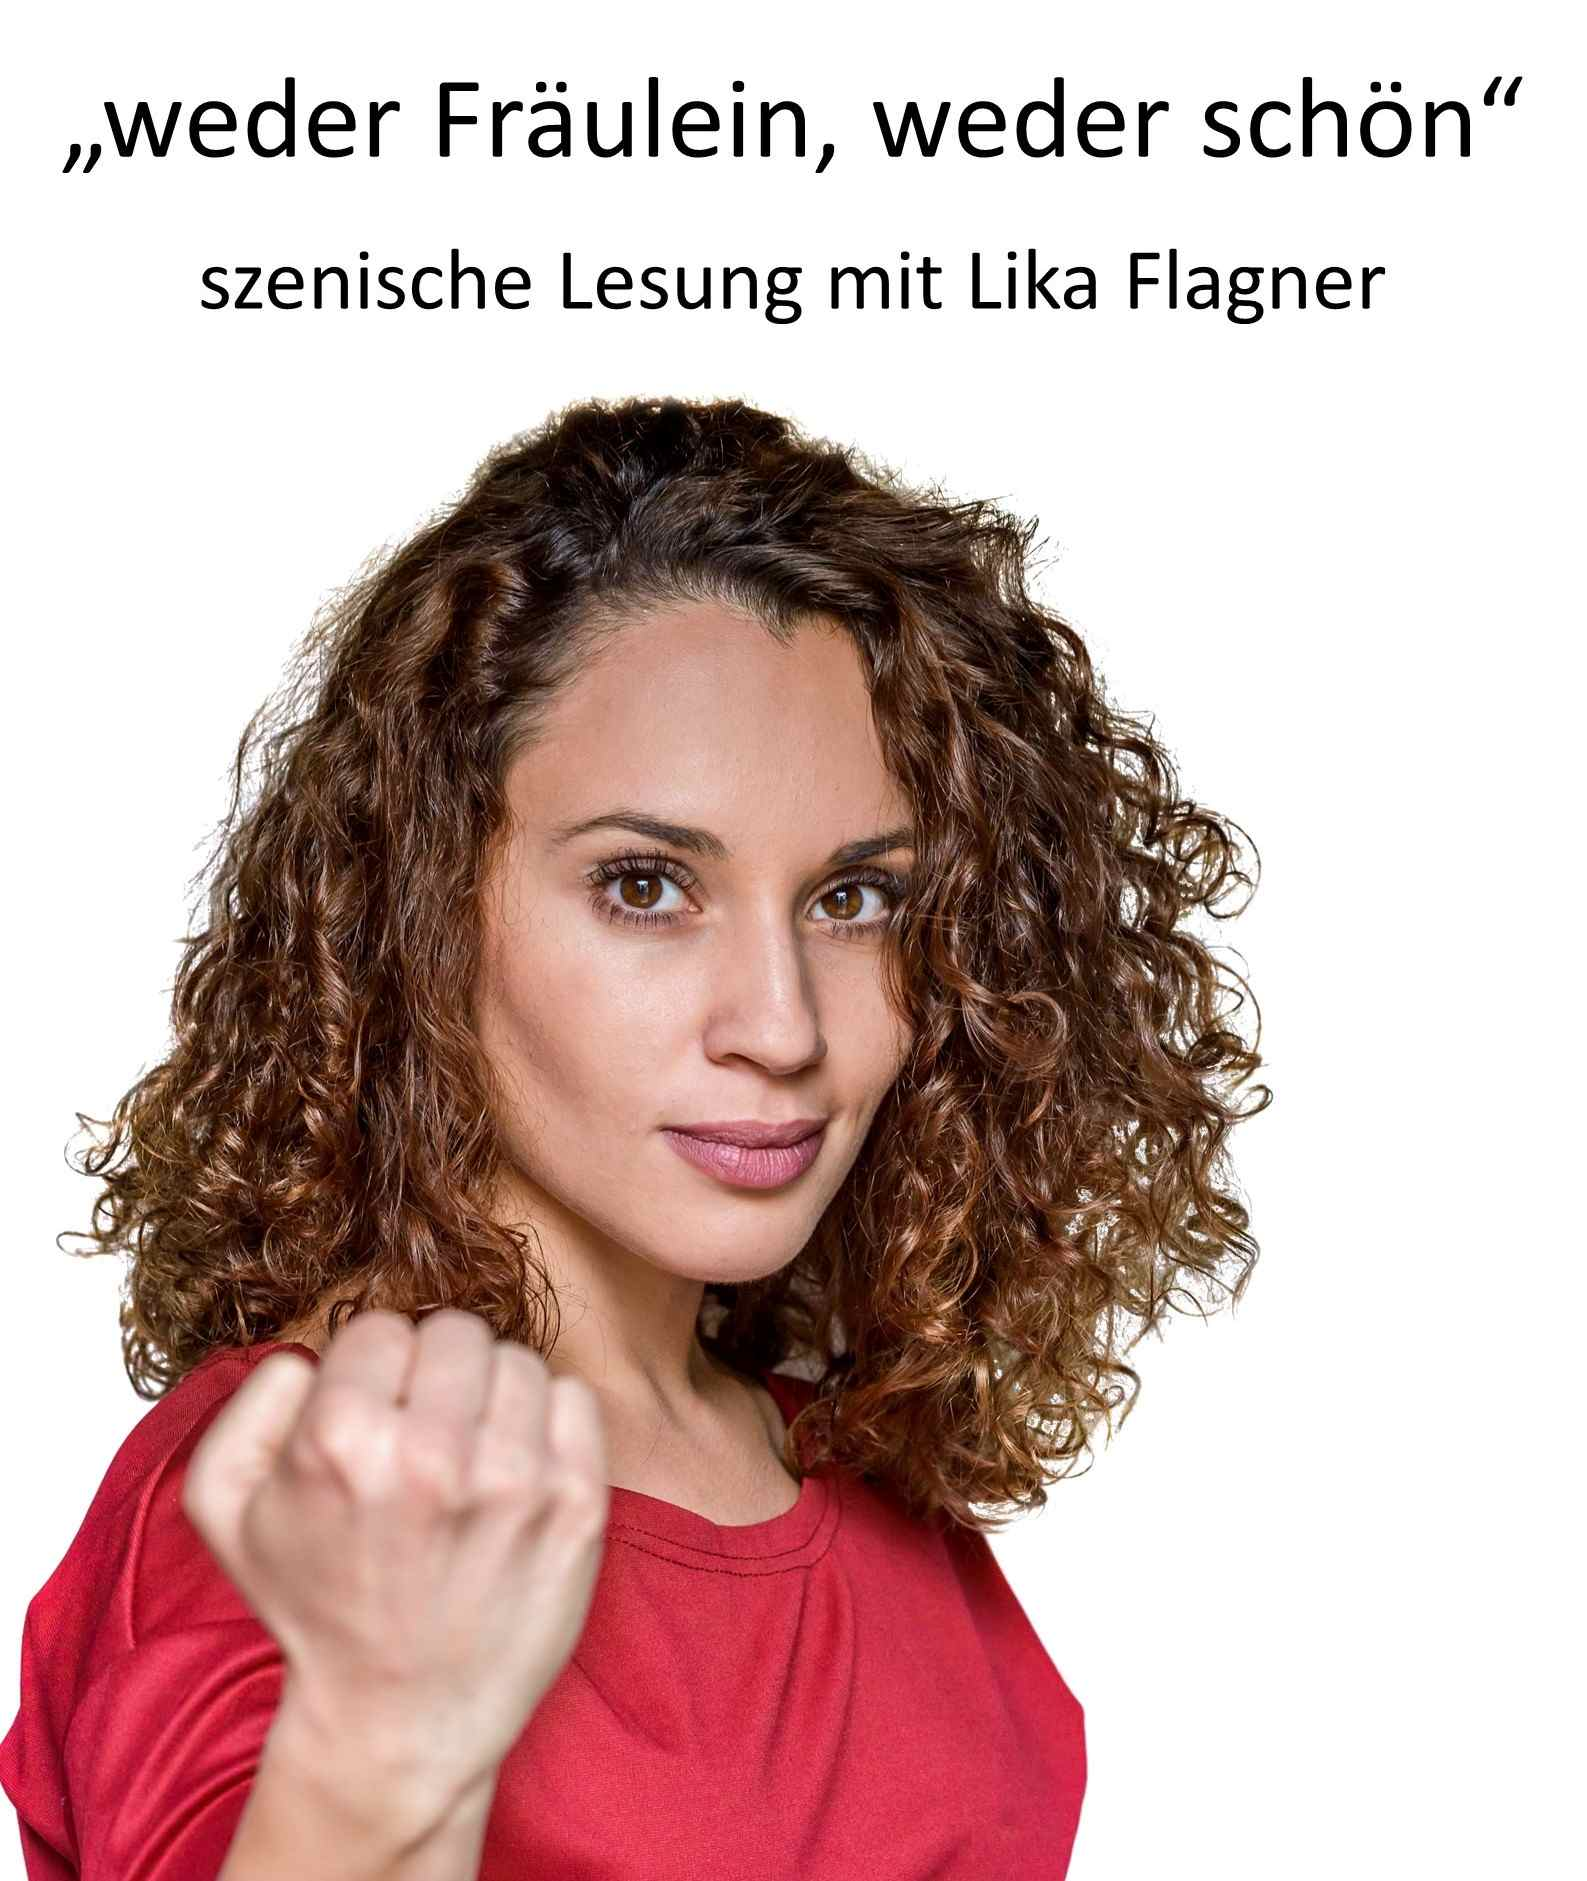 Lika Flagner als Margarete, Foto Oliver Mack